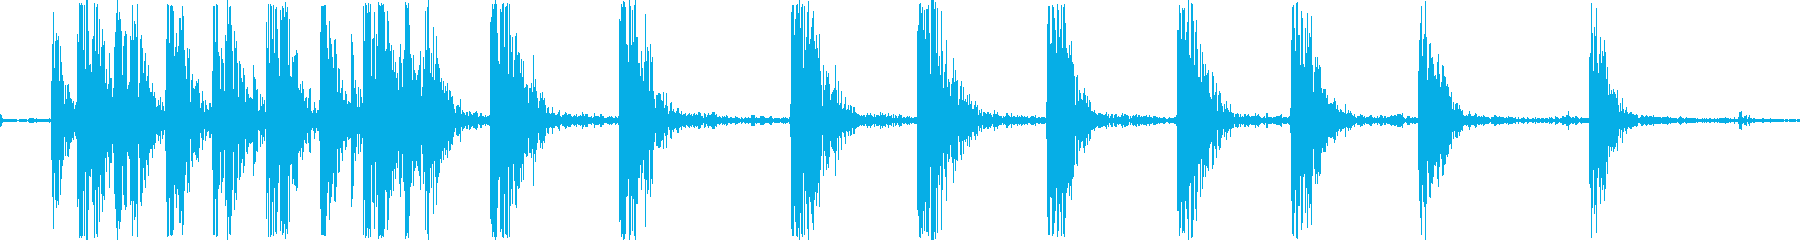 ギギギギ(屋敷で何かがきしむ嫌な物音)の再生済みの波形